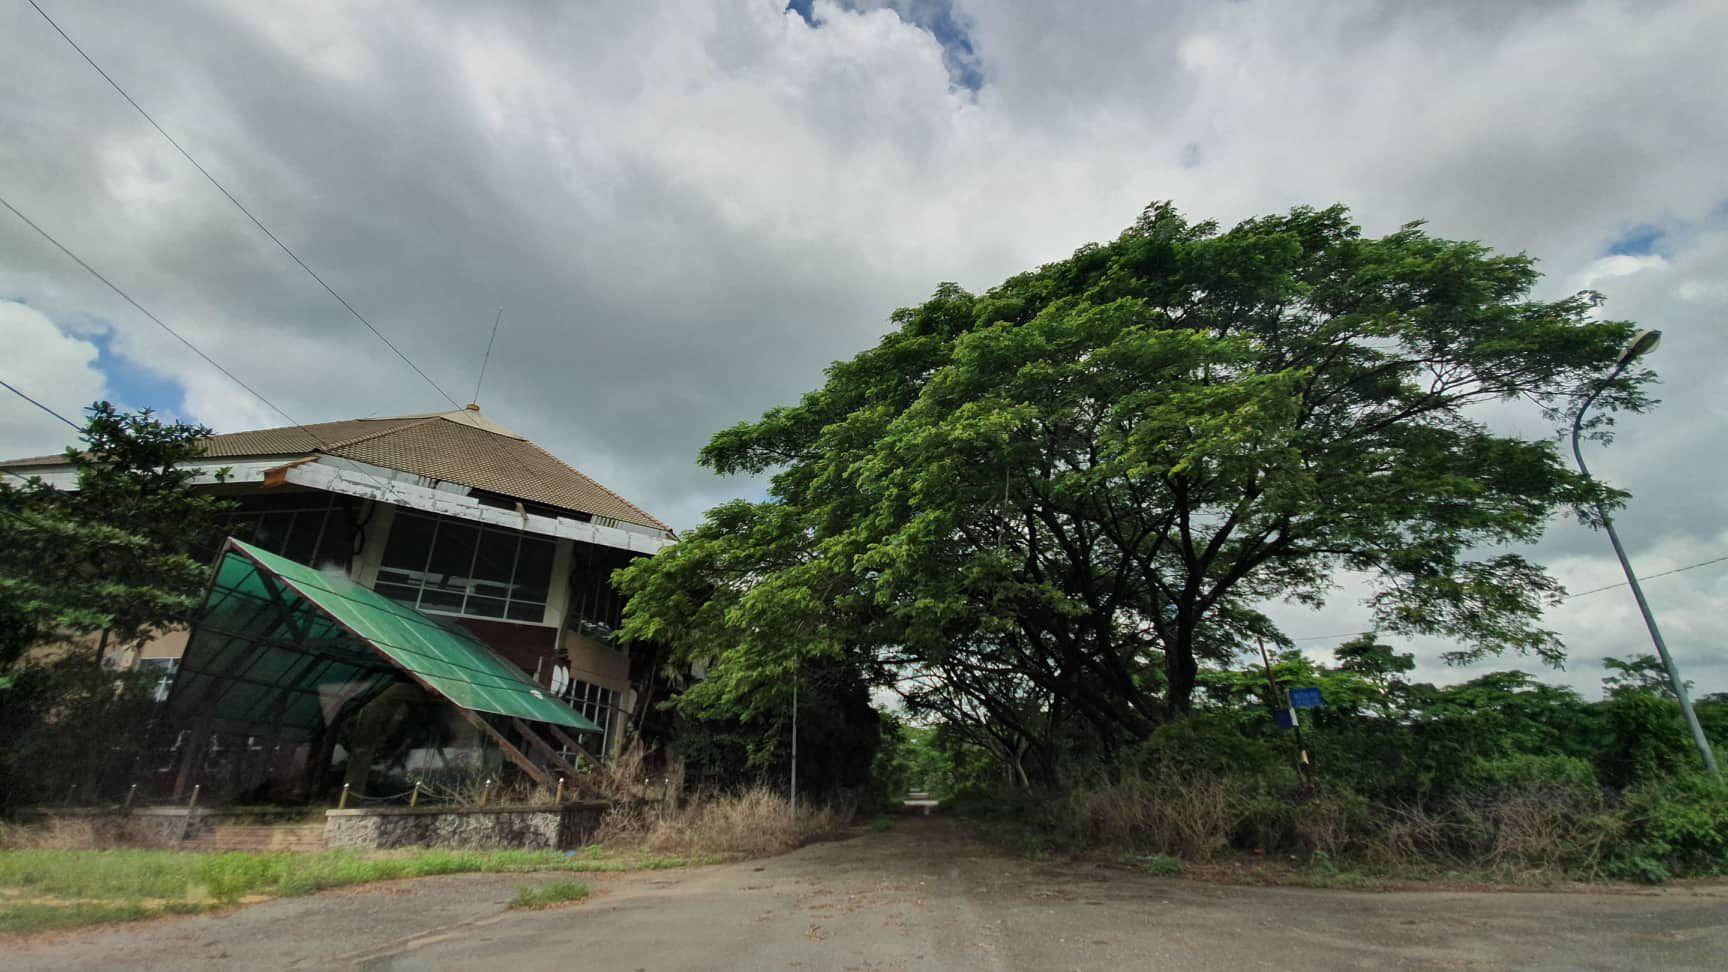 La liệt chung cư, biệt thự bỏ hoang ở Nhơn Trạch - 7